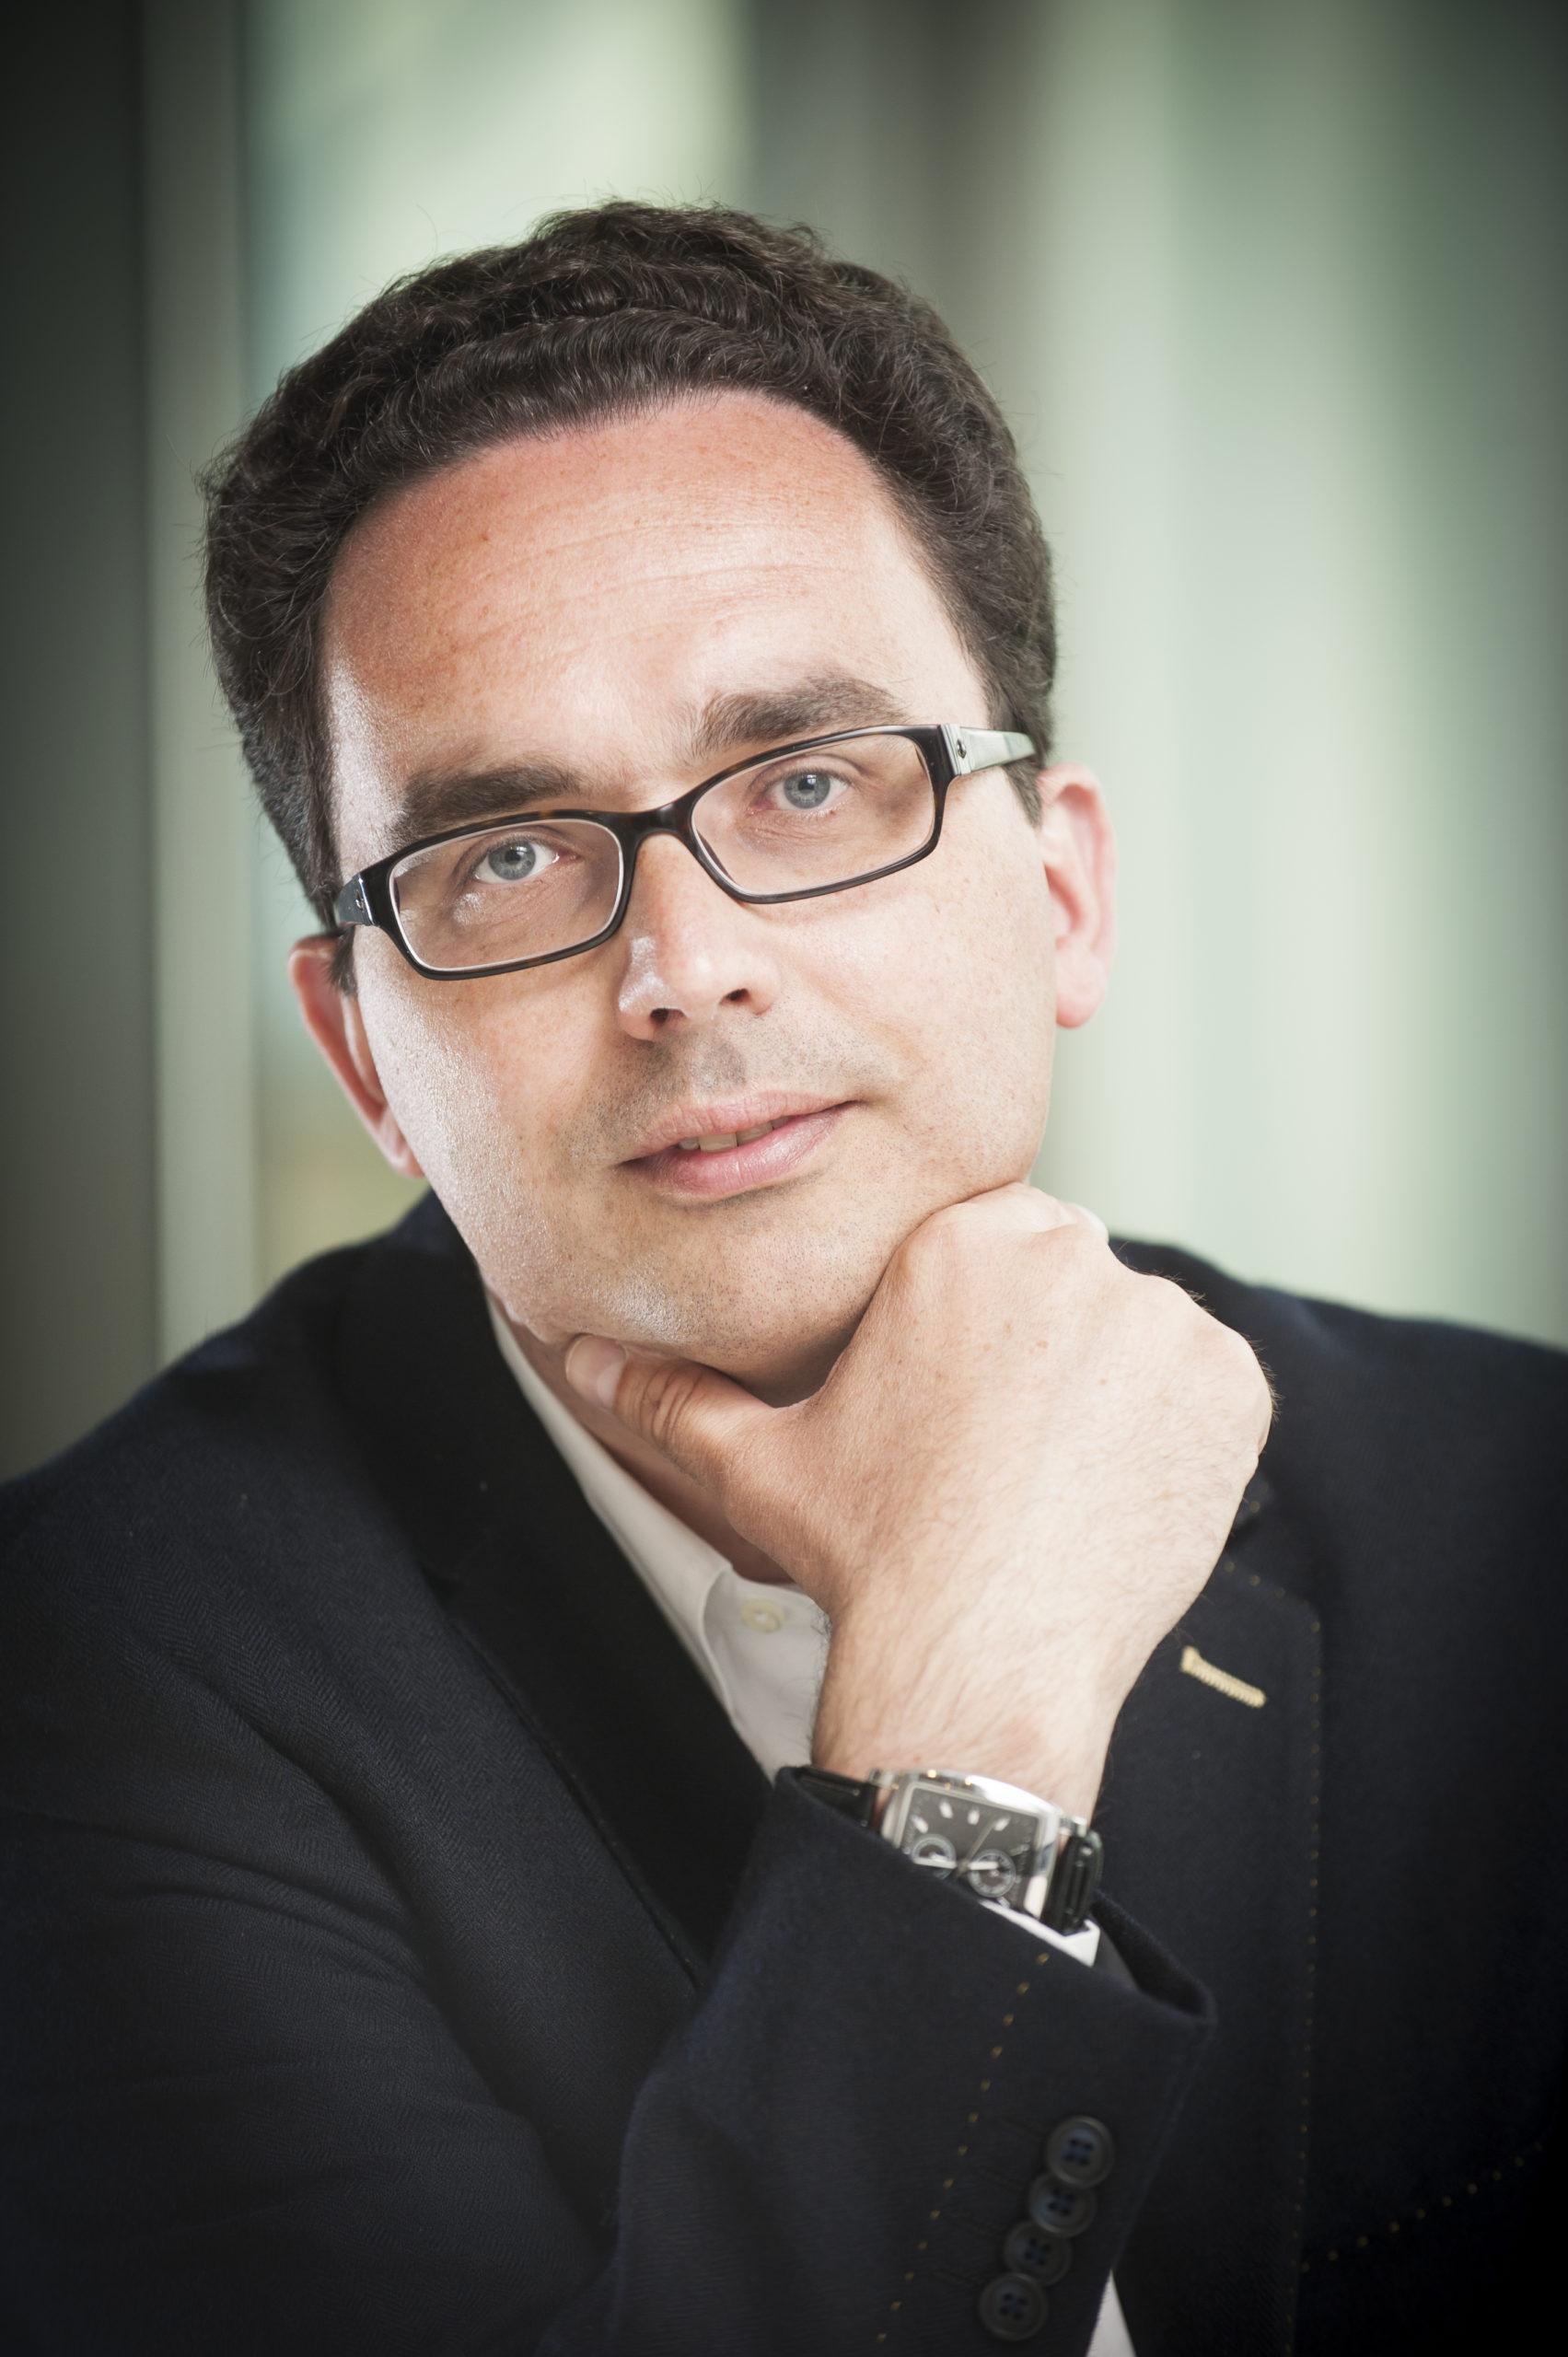 Silvère M van der Maarel